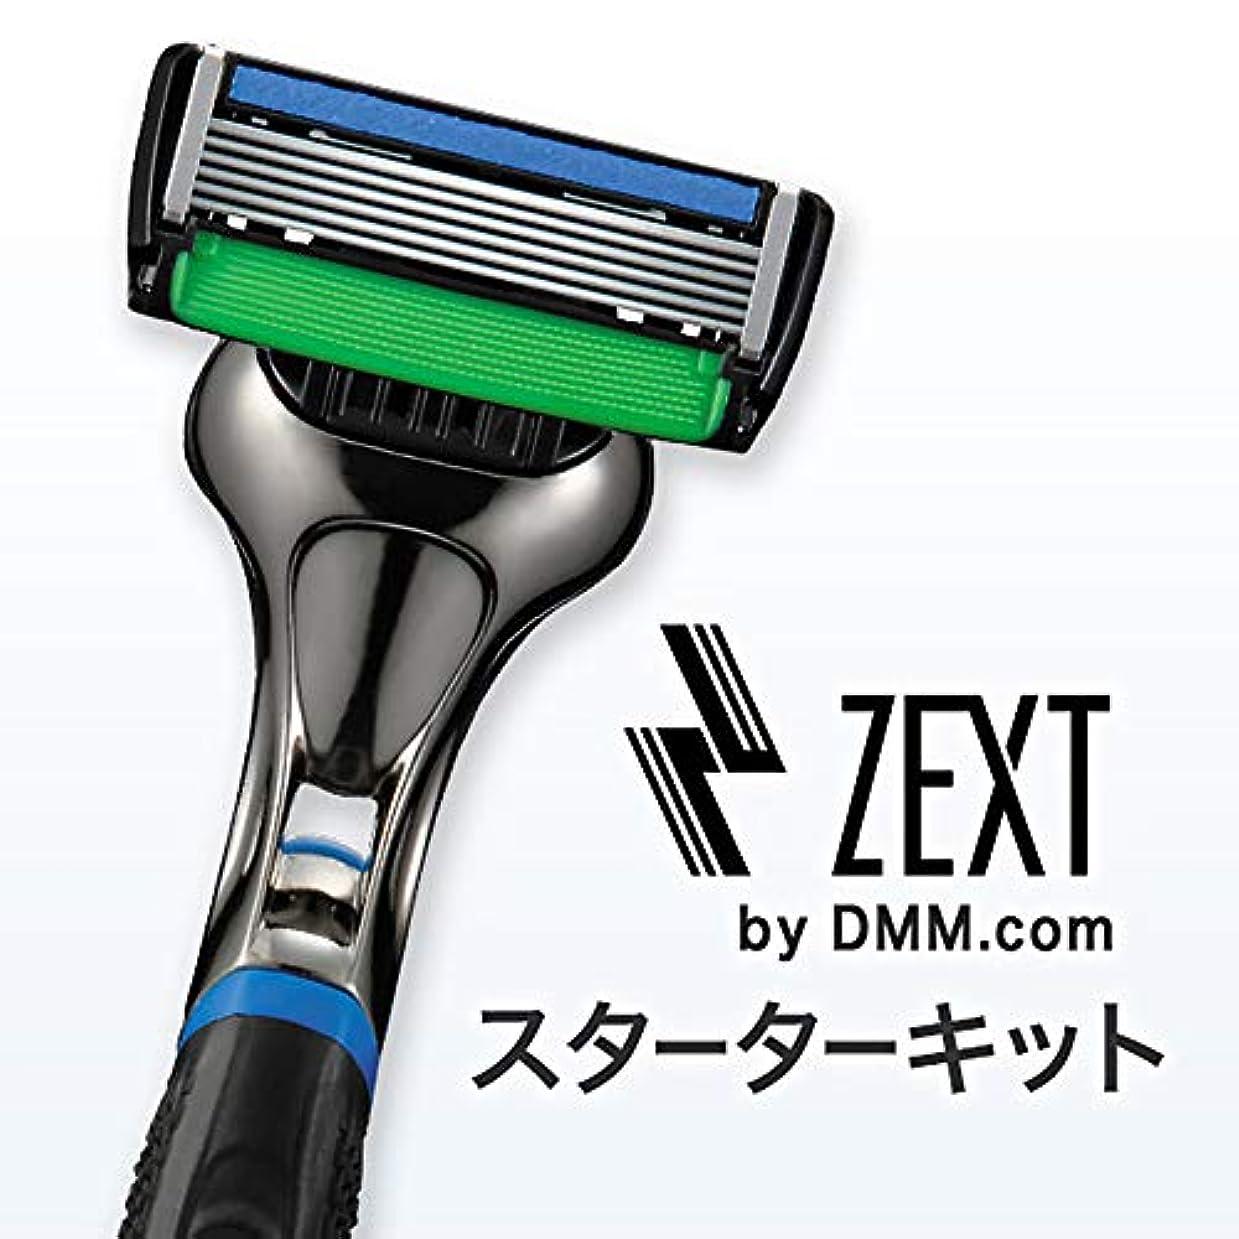 ボリューム杭義務的ZEXT 6枚刃カミソリ 本体替刃1個付